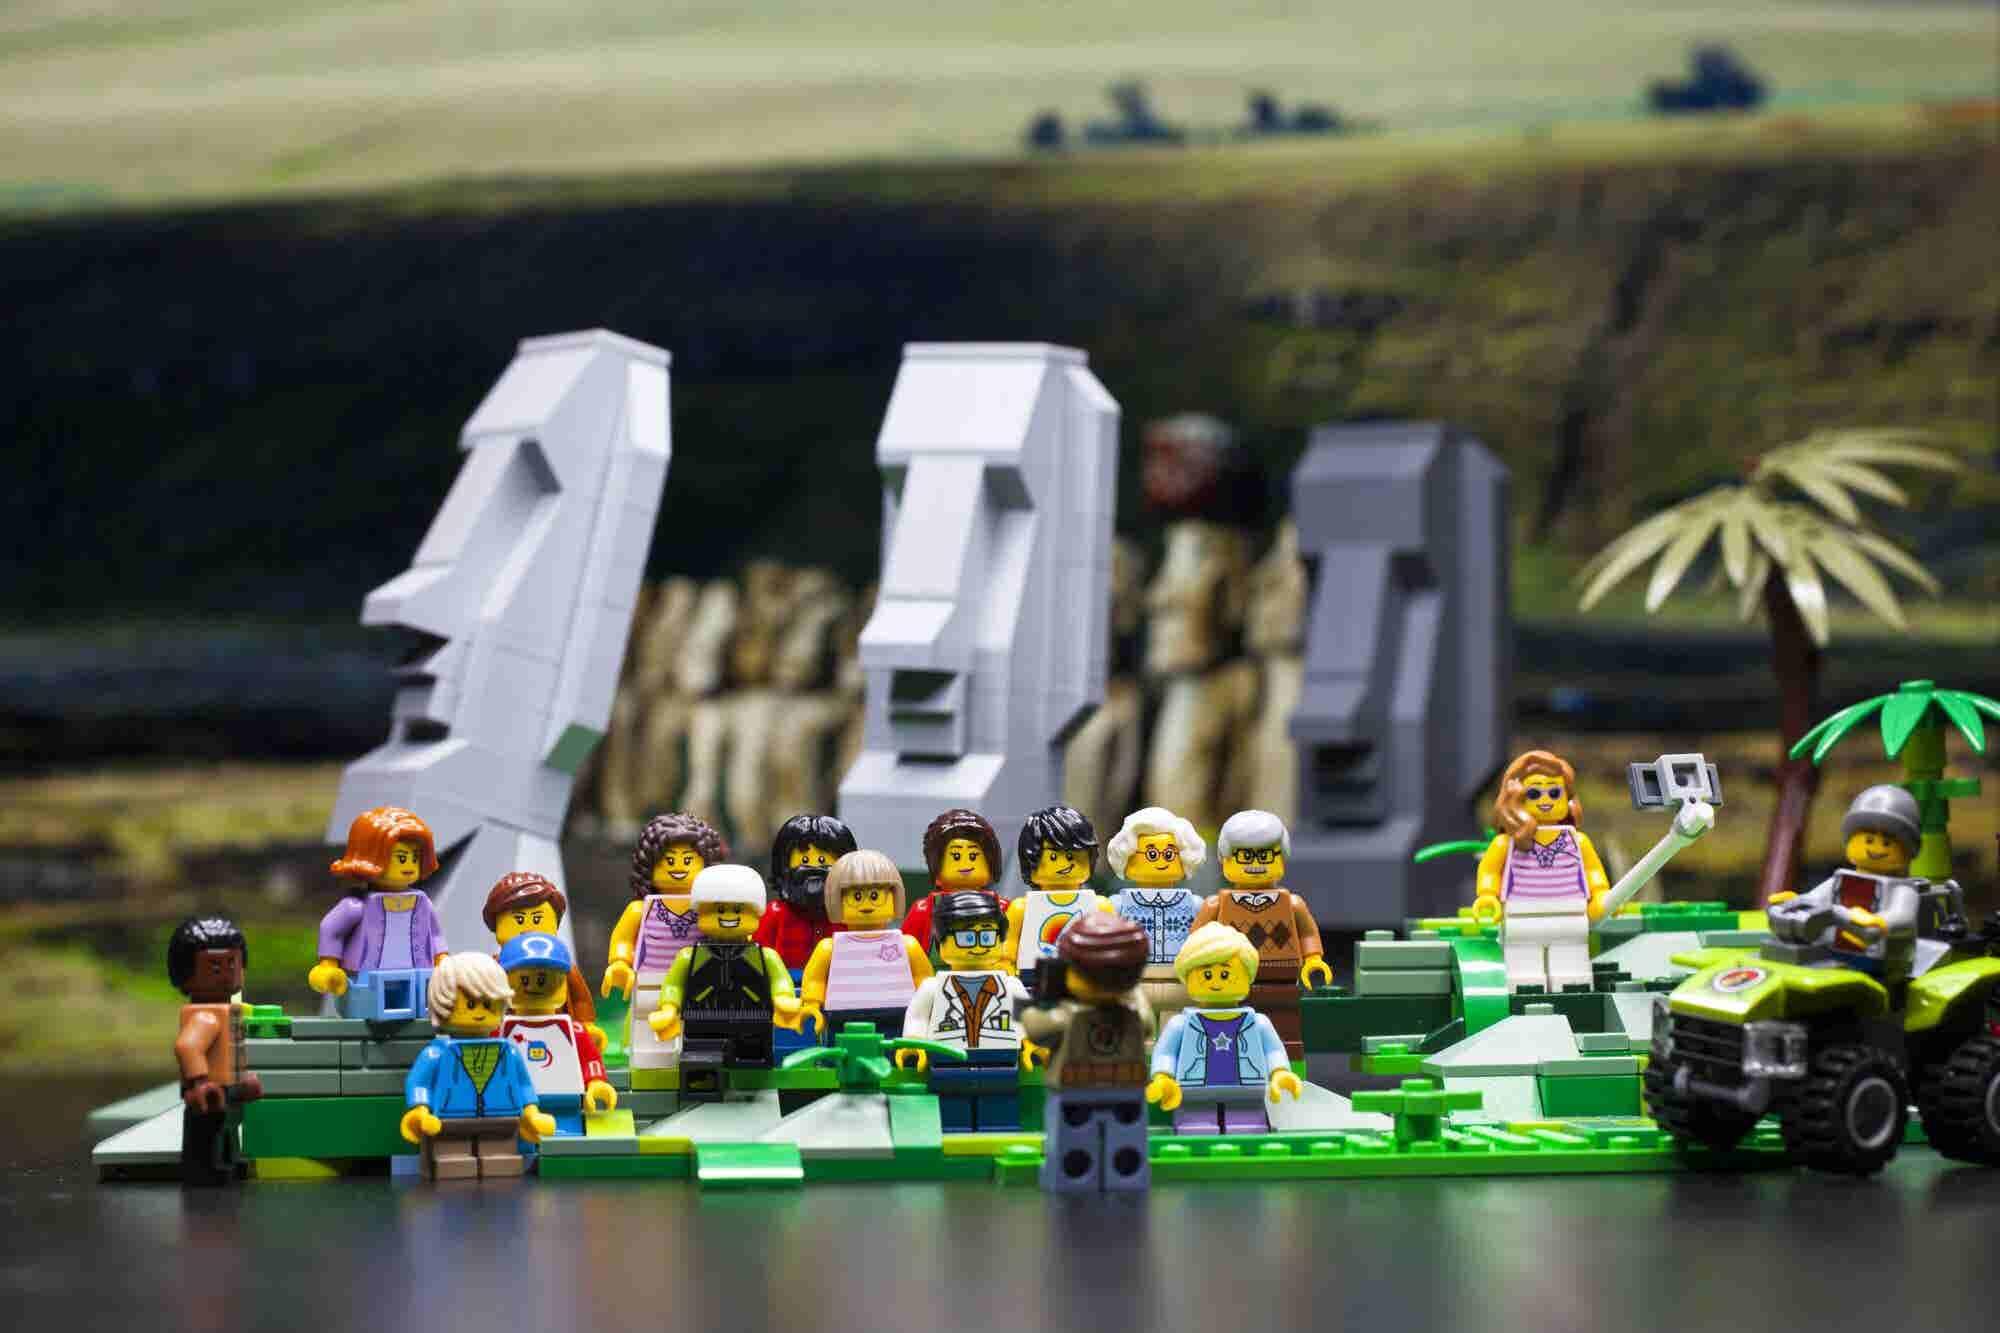 Lecciones de innovación de Lego que puedes aplicar en tu empresa